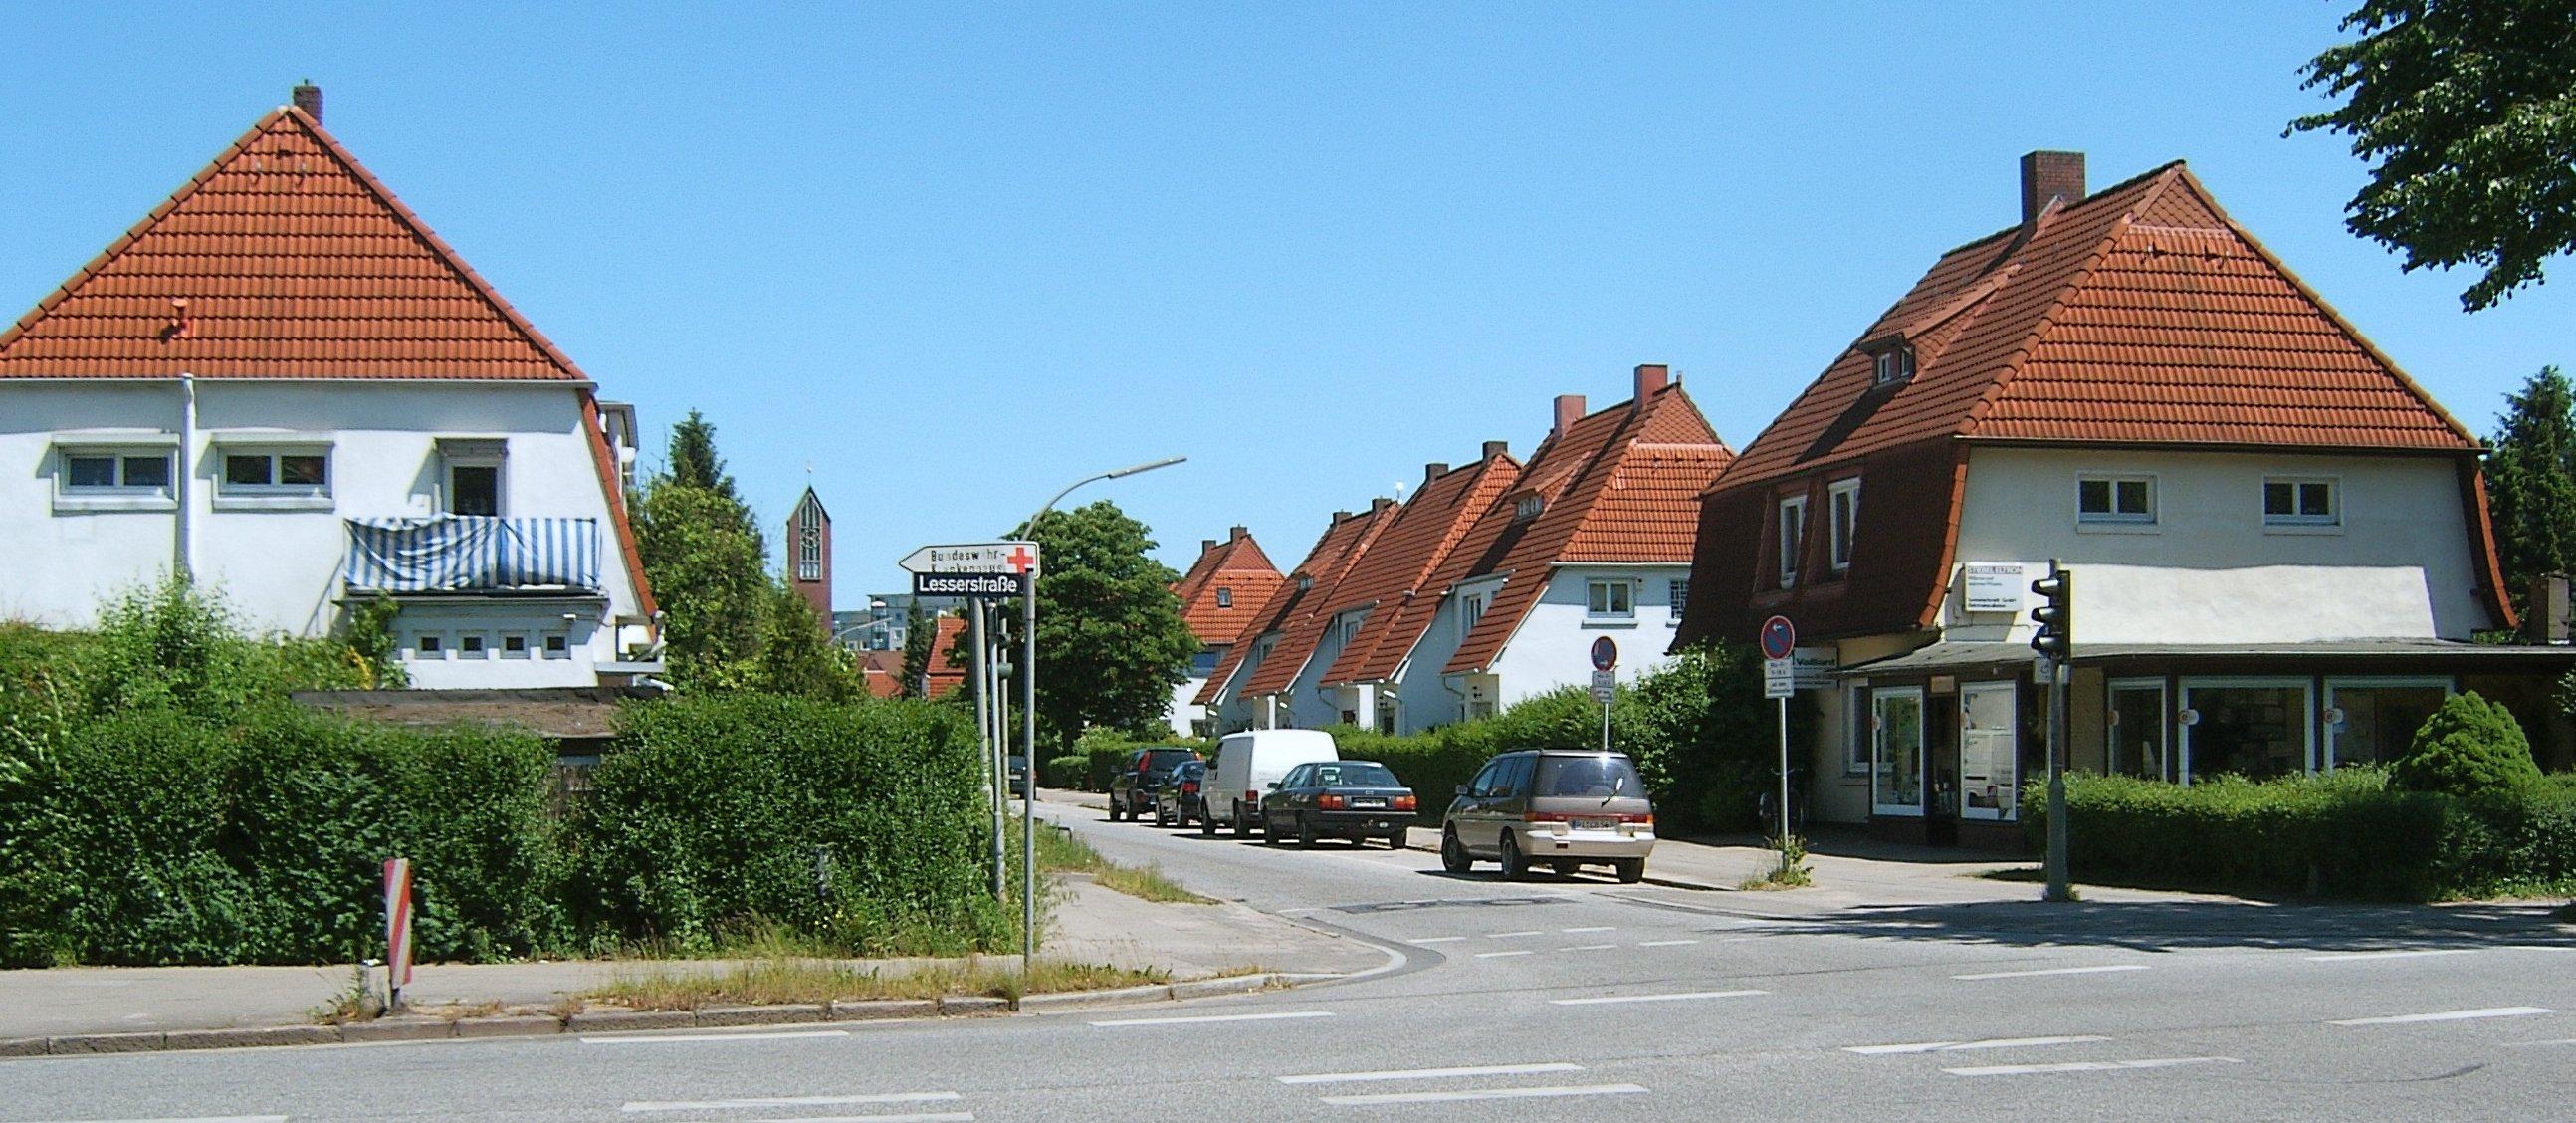 Tilsiter Straße Hamburg